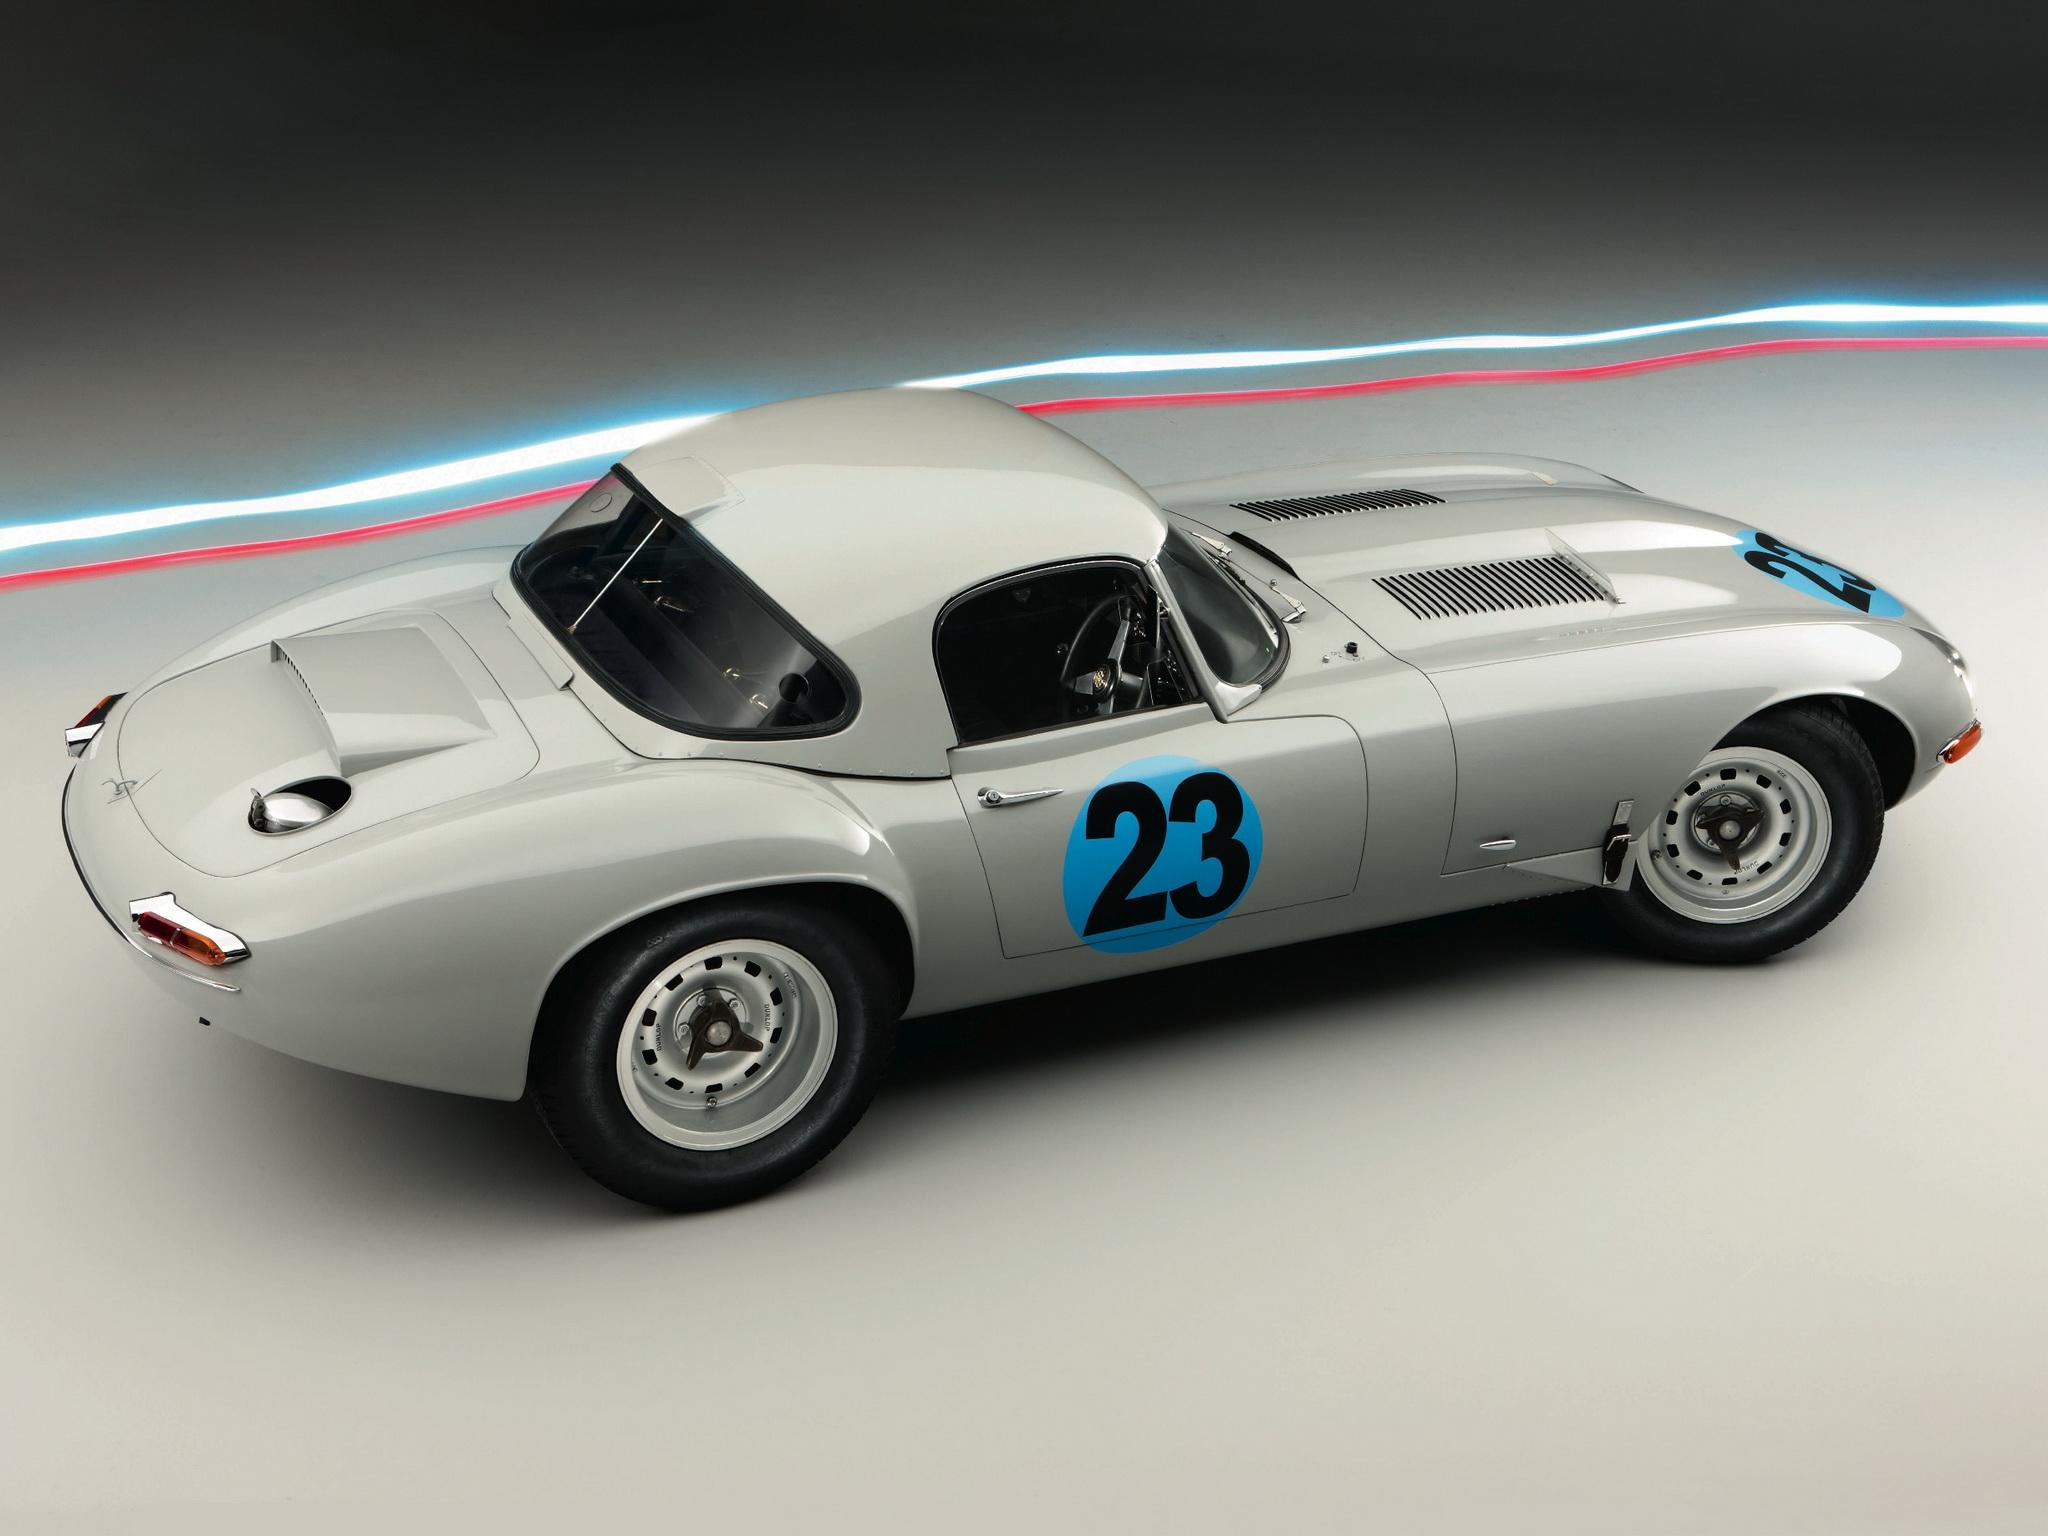 Zaproszenie na 60. urodziny Jaguara E-type. Czas pobić rekord klasyków!